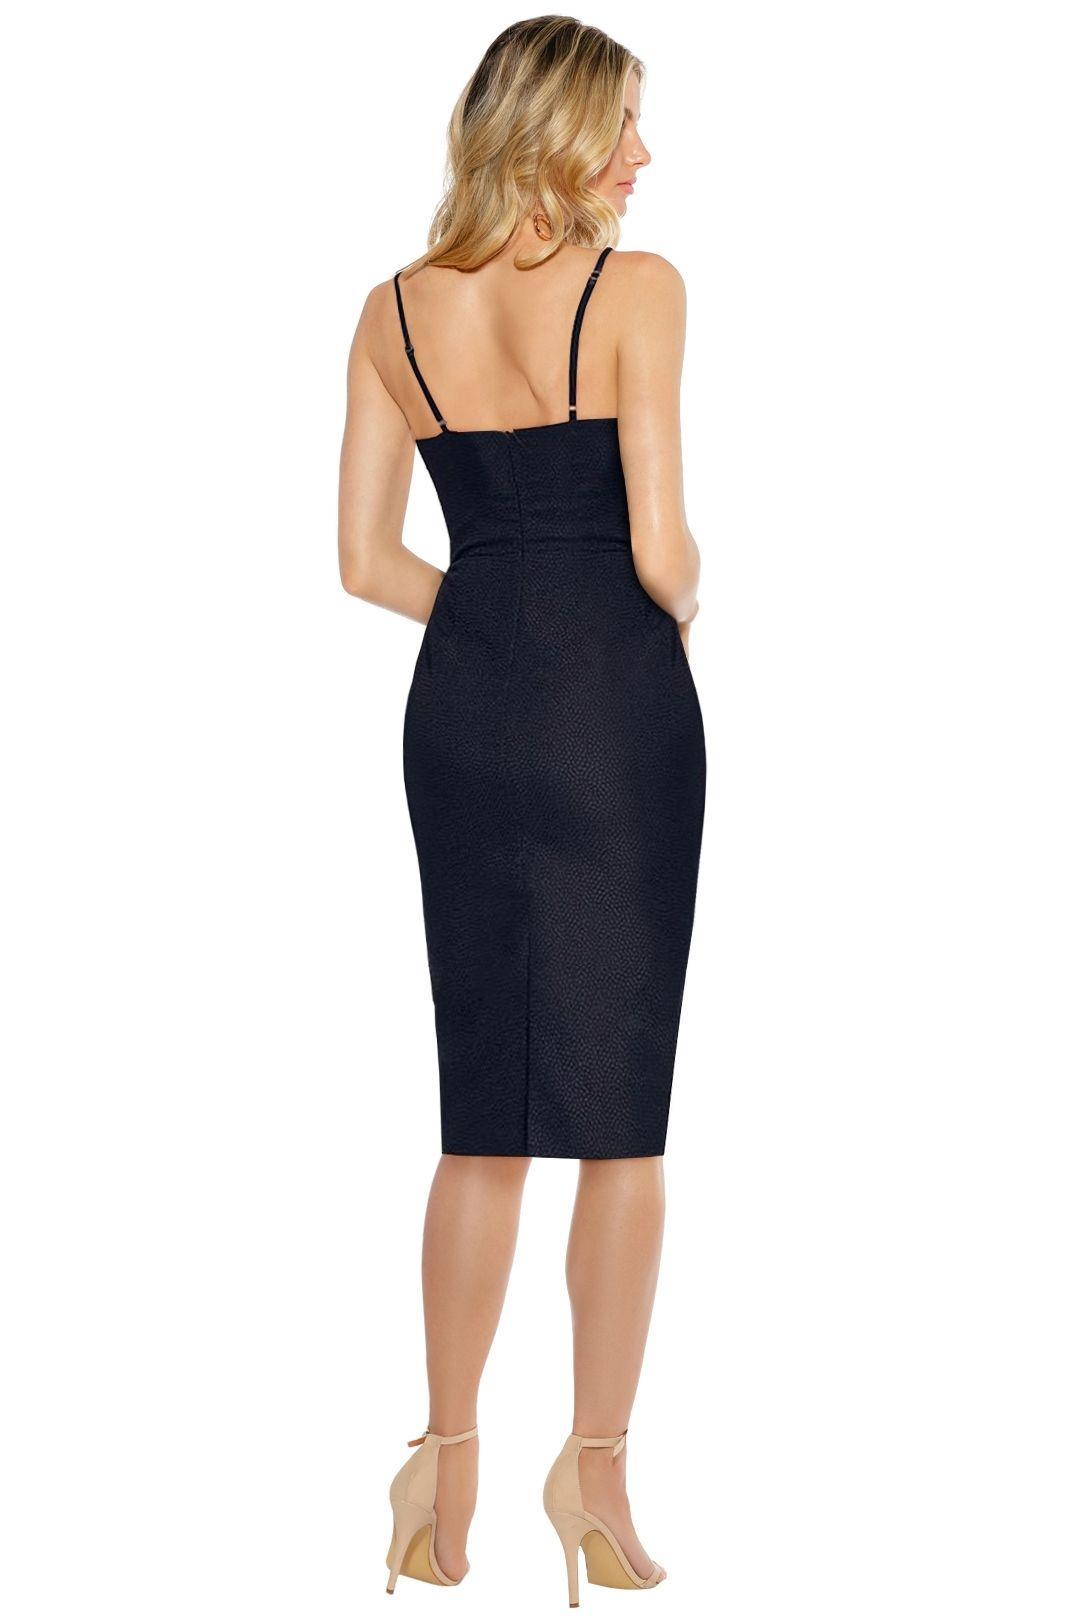 Misha Collection - Felicienne Dress - Black - Back